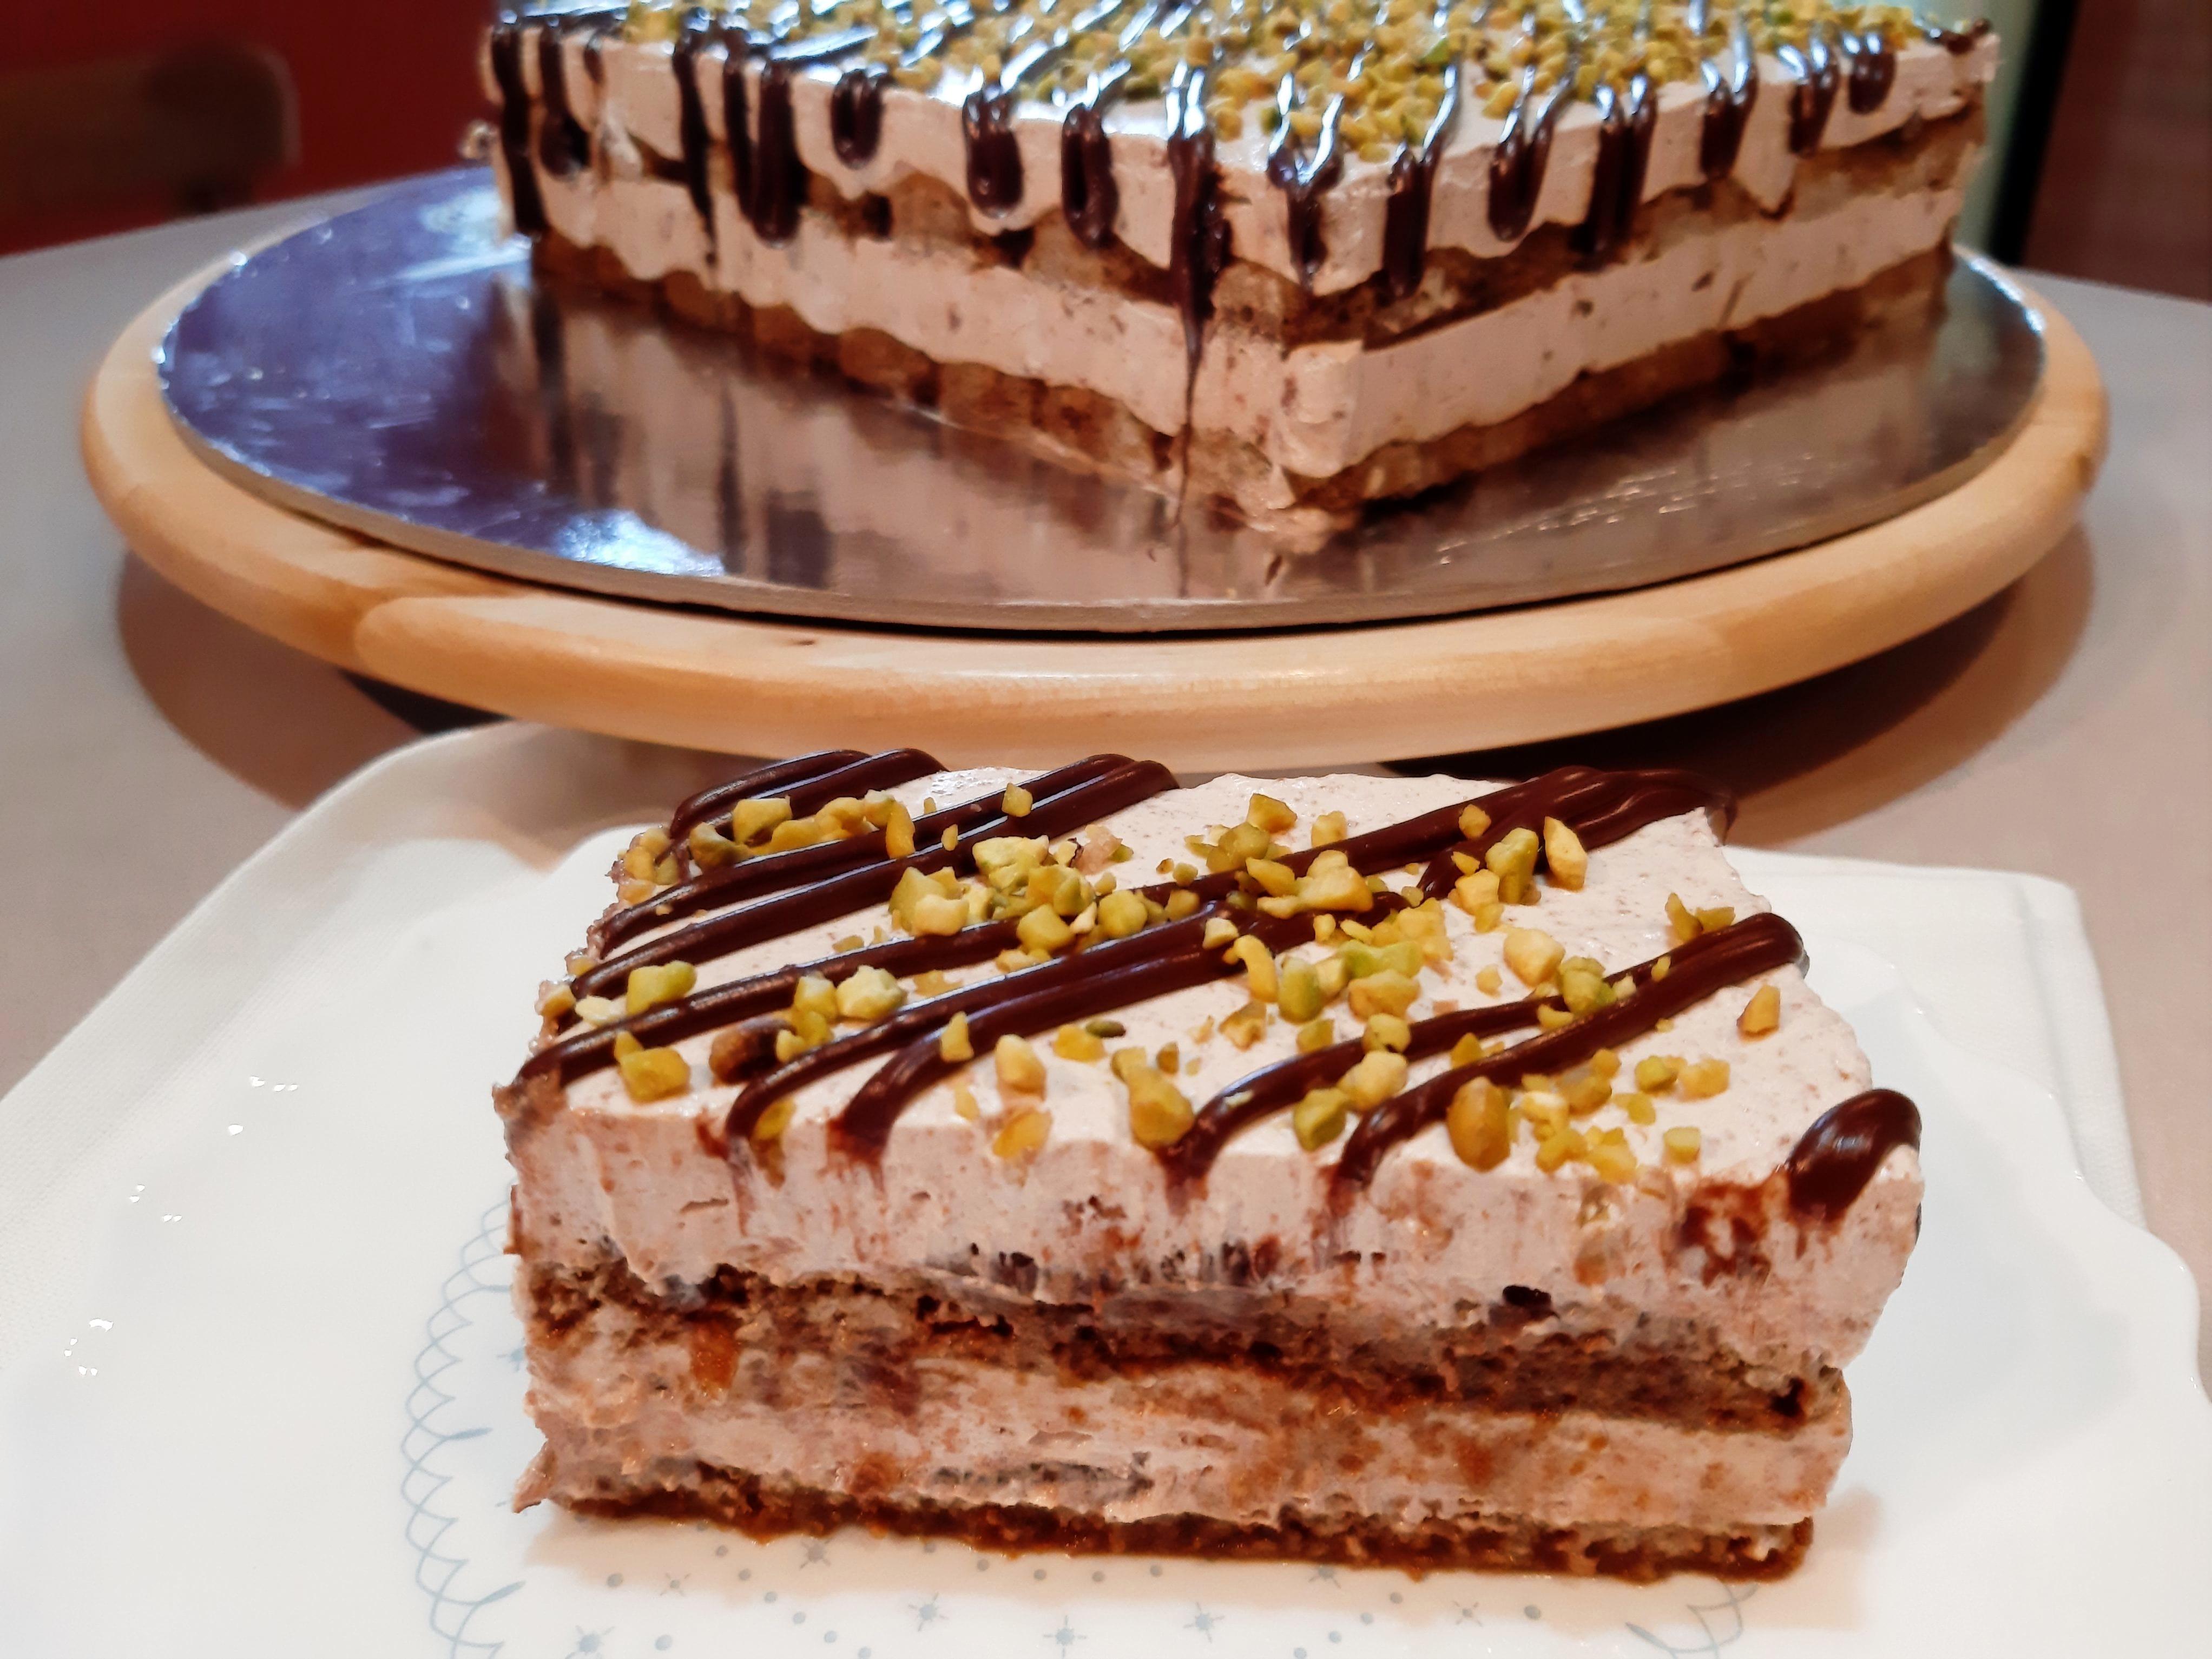 torta fredda con nutella fetta @VG-3